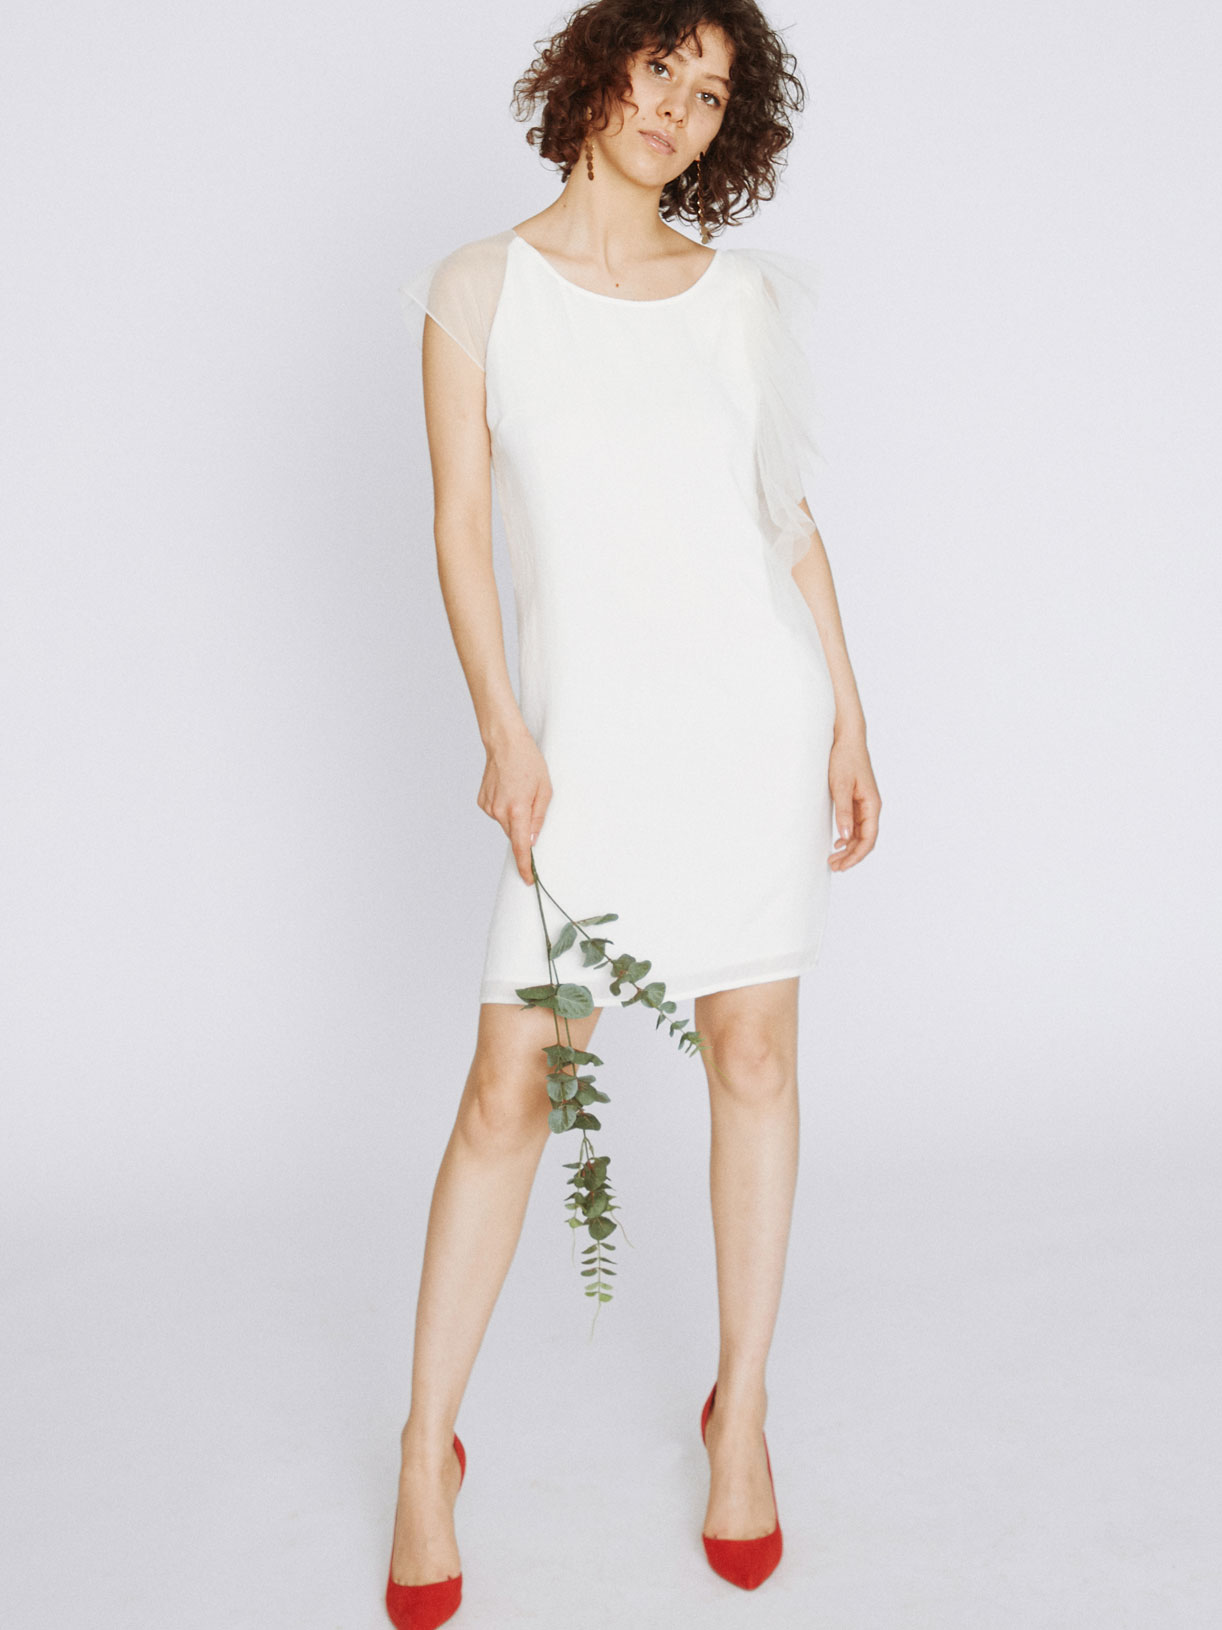 Robe pour mariage civil courte simple écoresponsable - Creatrice de robe de mariée éthique et bio a Paris - Myphilosophy